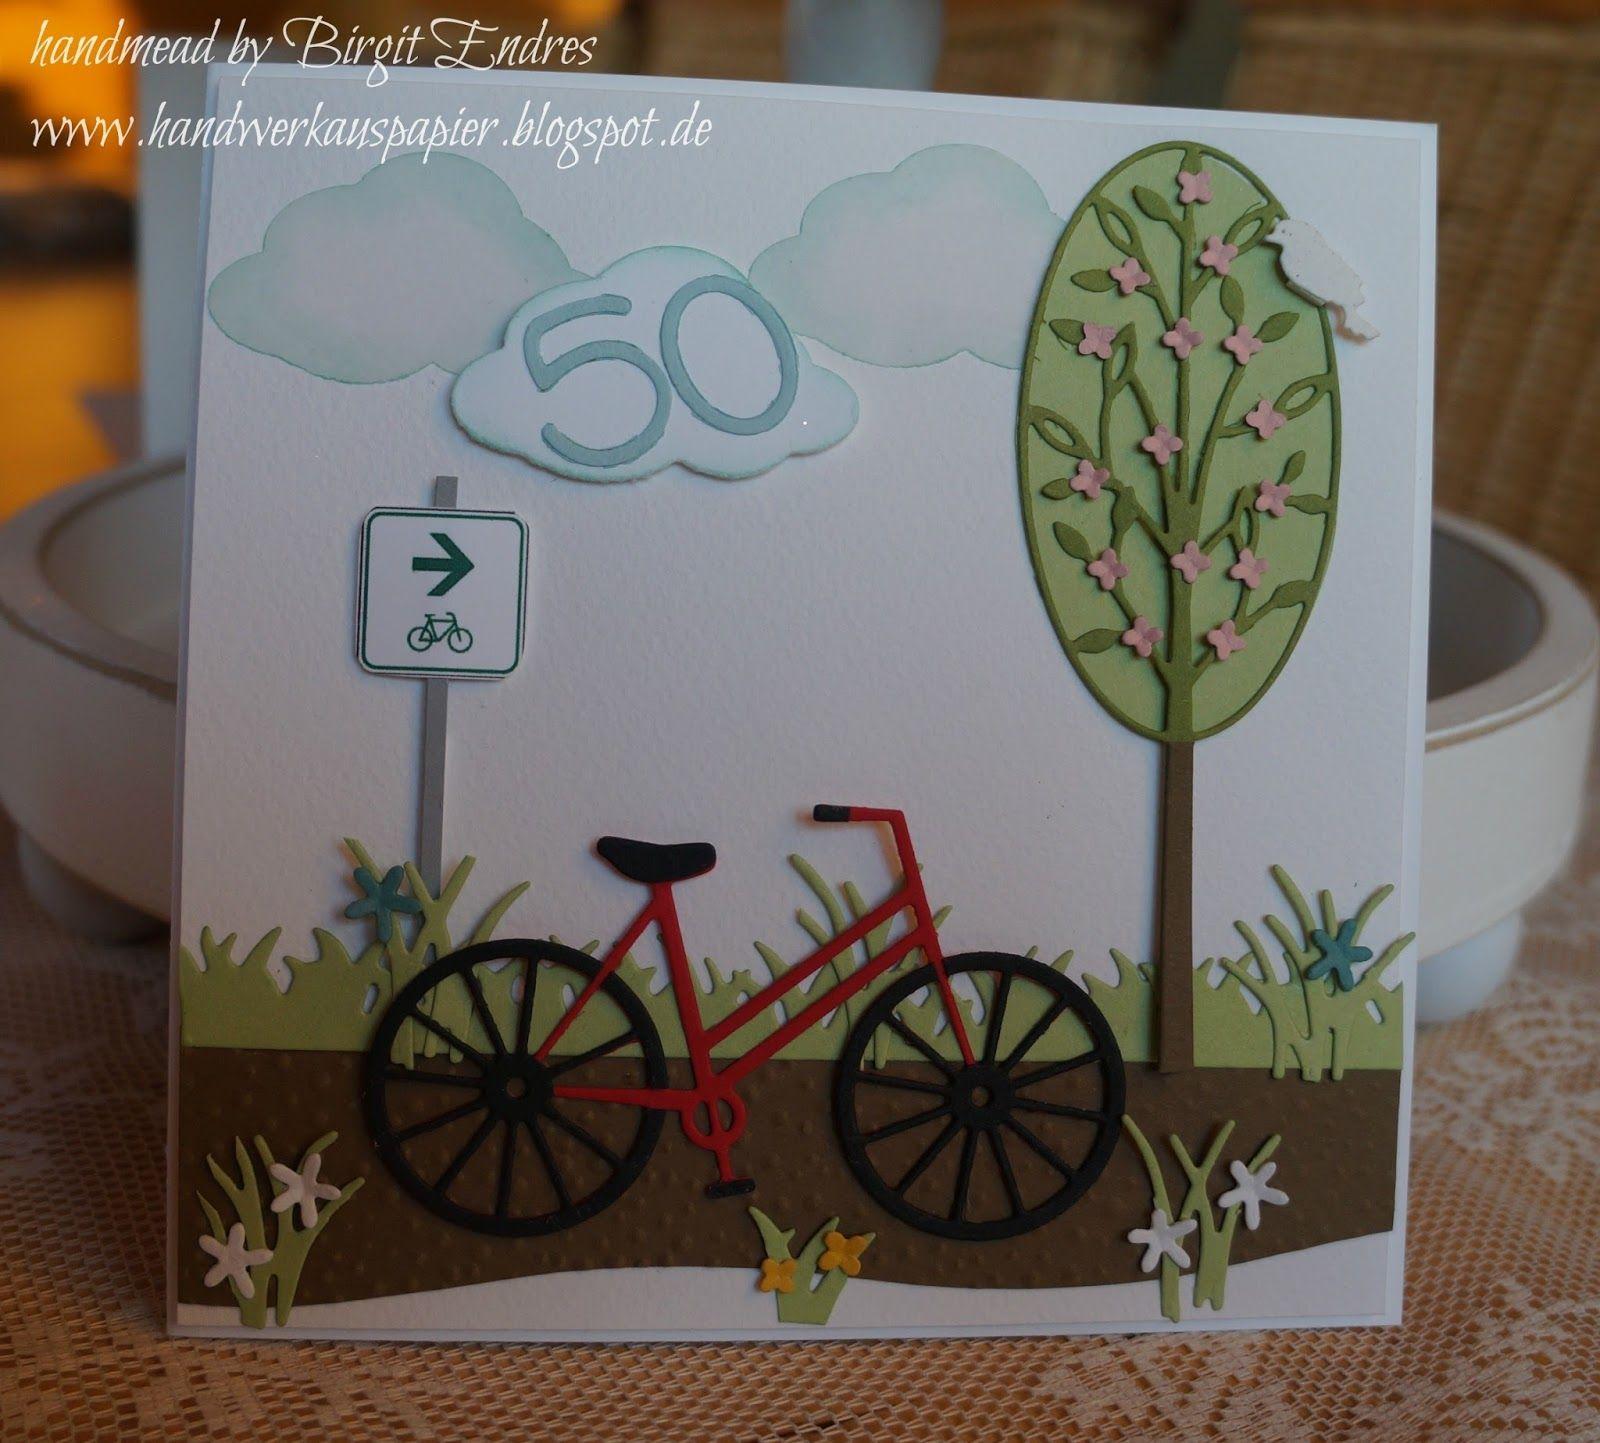 Fahrrad Karte.Handwerk Aus Papier Fahrradkarte Zum 50 Geburtstag Bicycle Cards